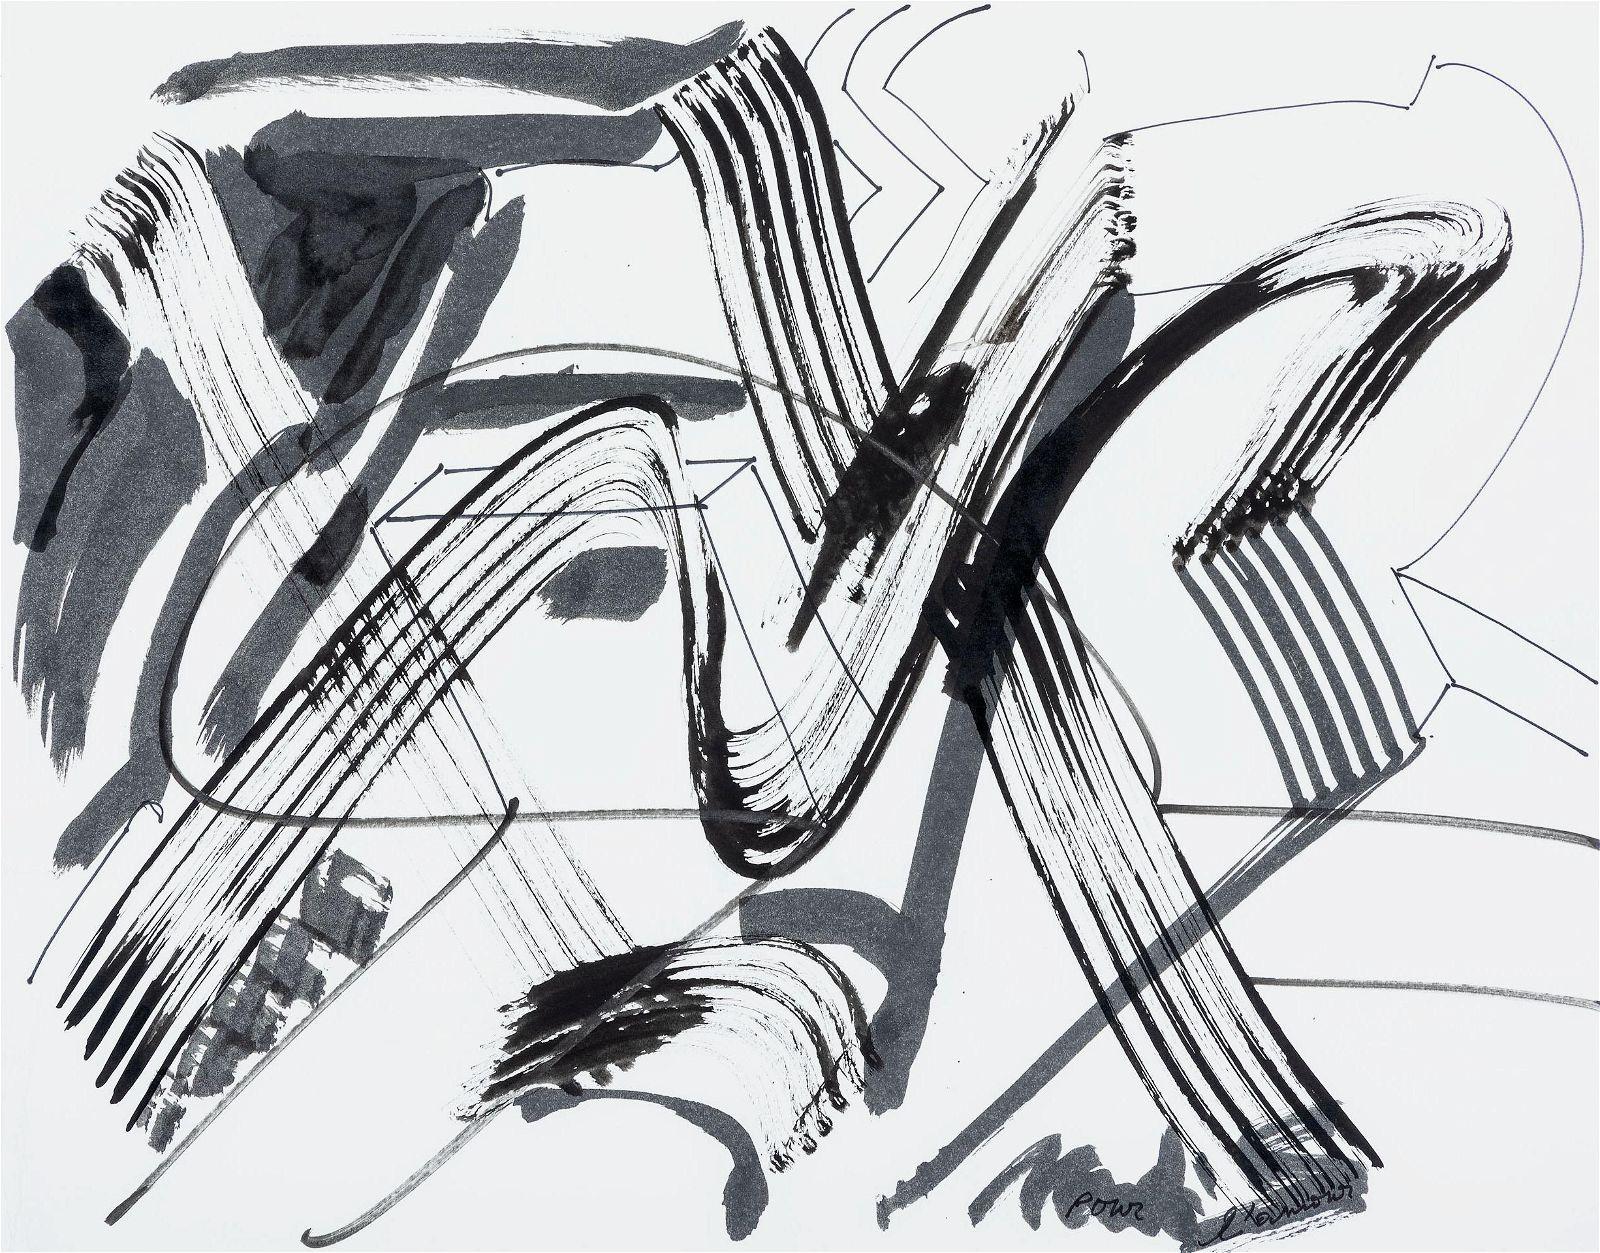 Mark di Suvero (American, b. 1937) Untitled, 2000